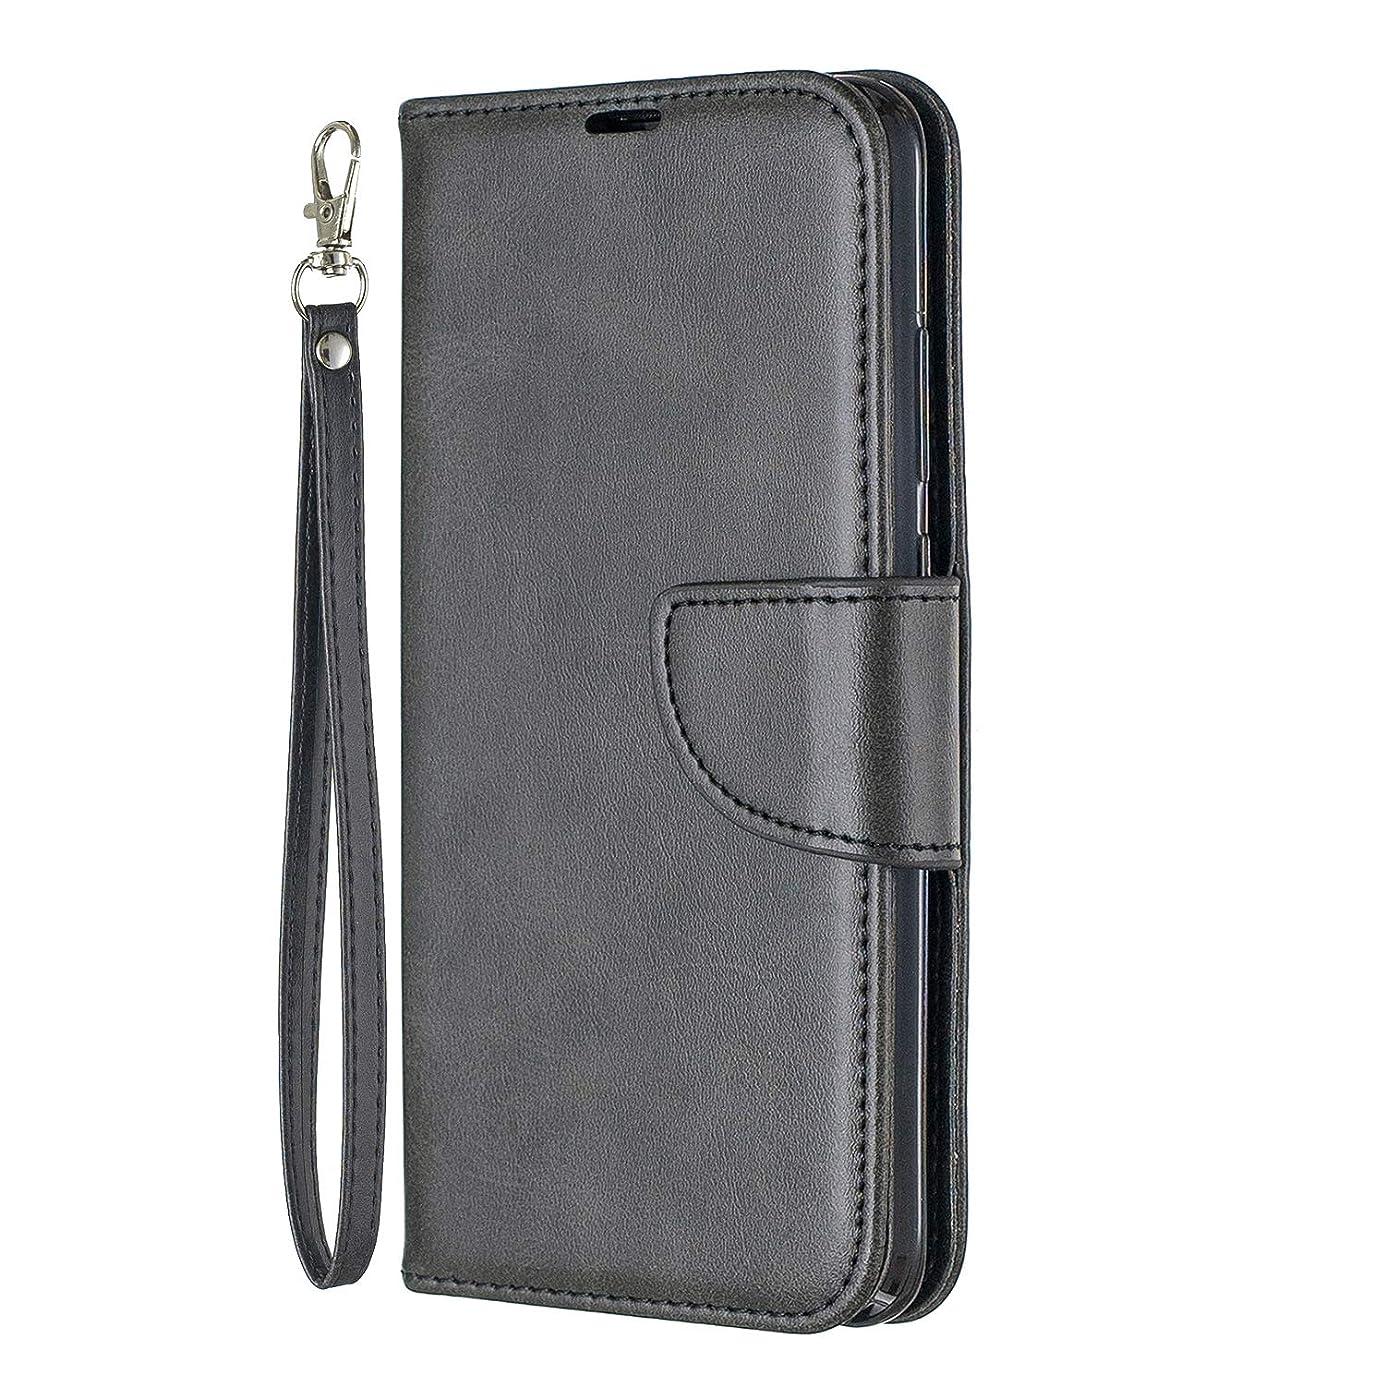 適合する山有効Lomogo Huawei nova lite 3 ケース 手帳型 耐衝撃 レザーケース 財布型 カードポケット スタンド機能 マグネット式 ファーウェイnovalite3 手帳型ケース カバー 人気 - LOBFE150313 黒